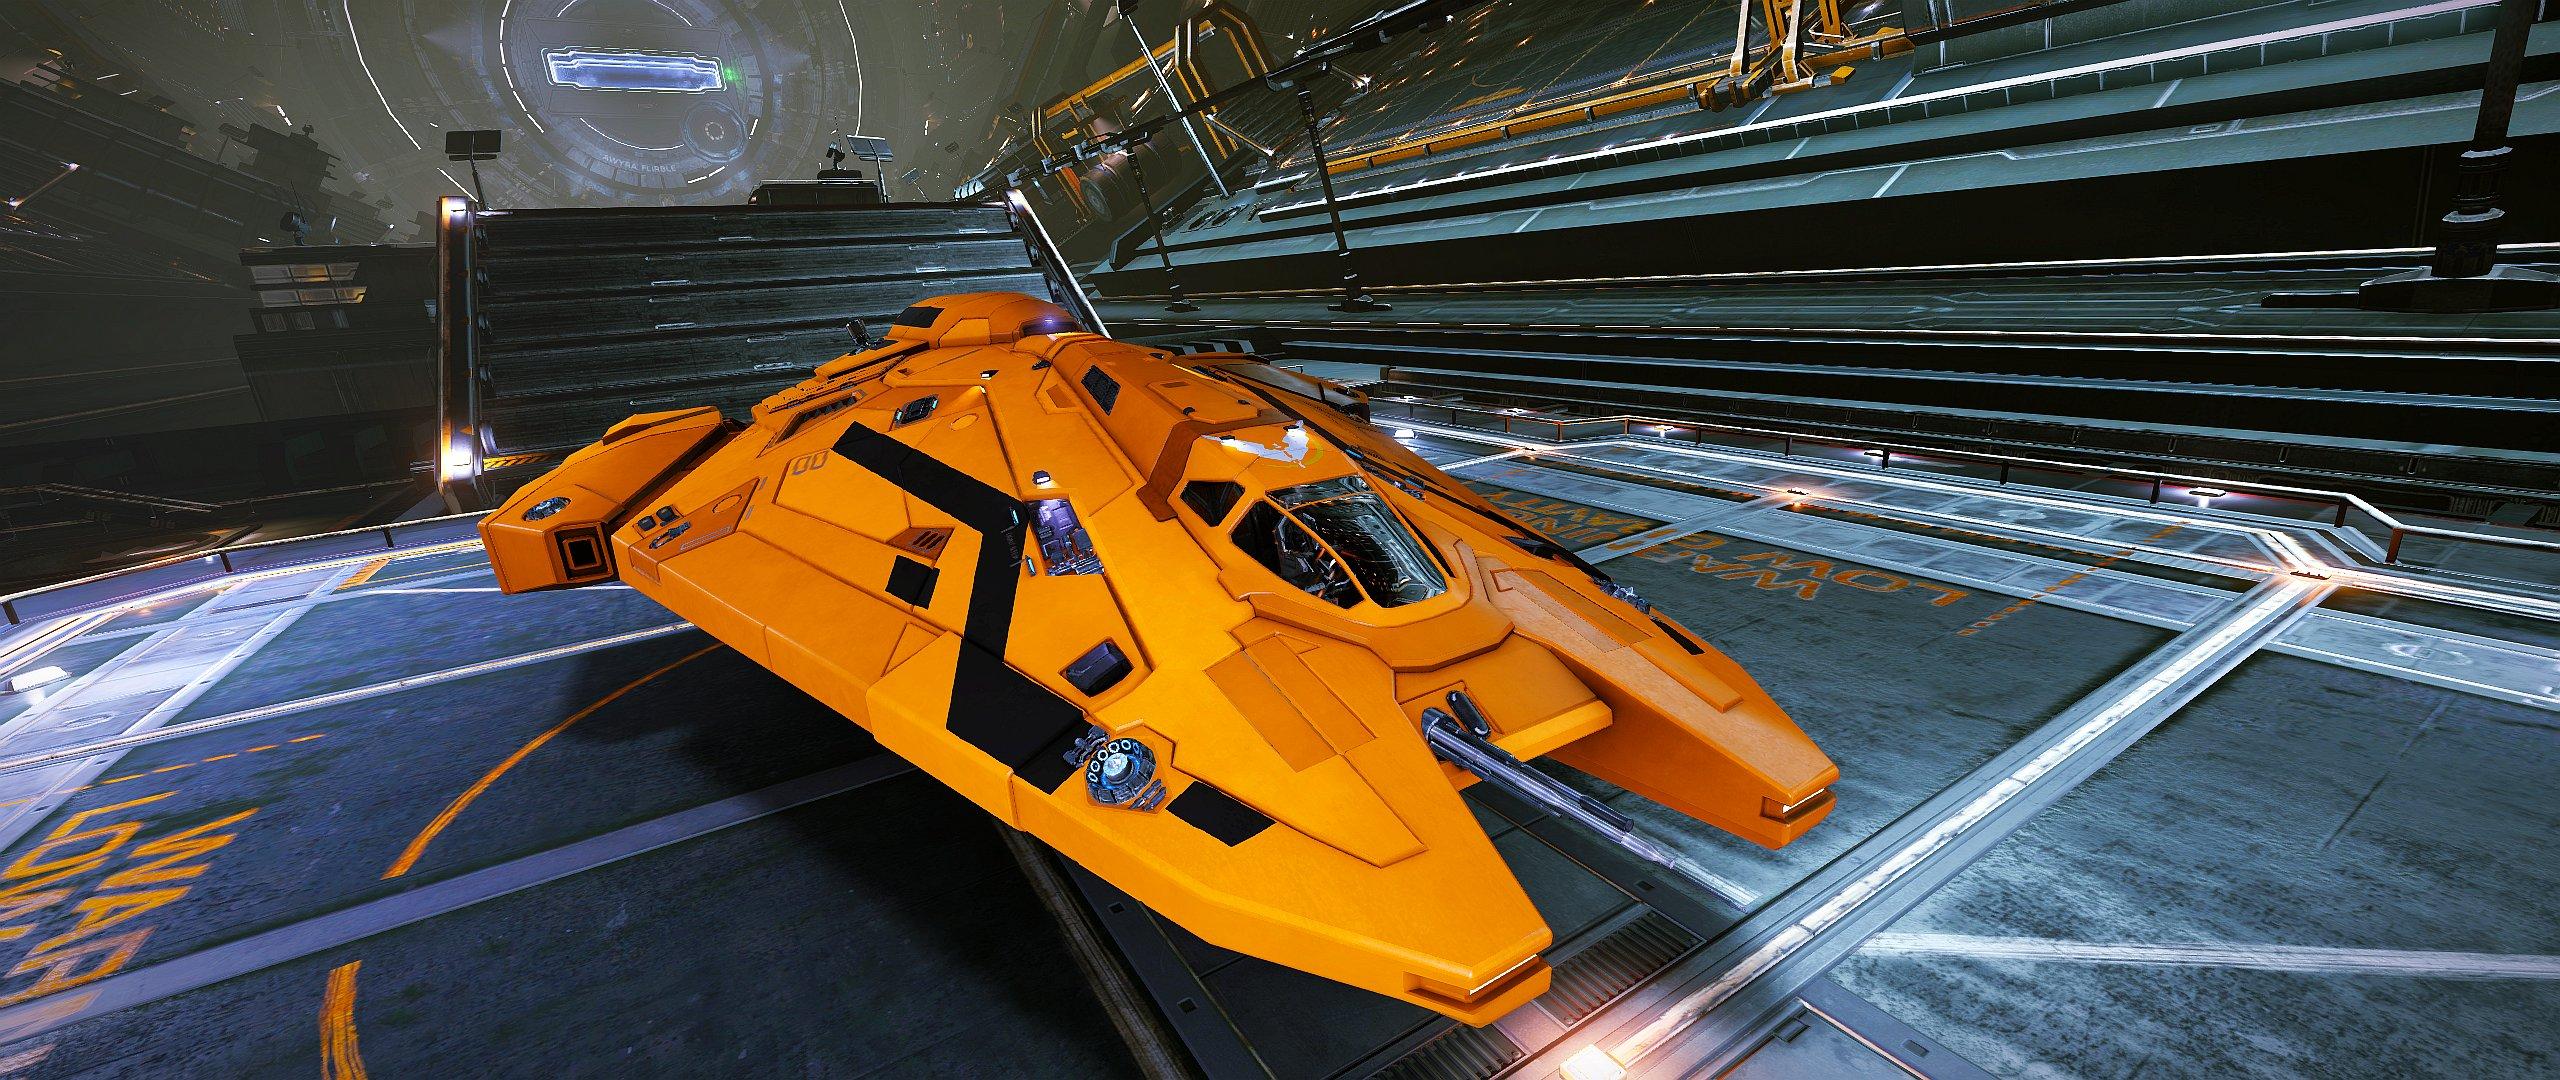 Le Viper MKIII du Cmdr Békir Chance a probablement éliminé plus de 250 vaisseaux impériaux.